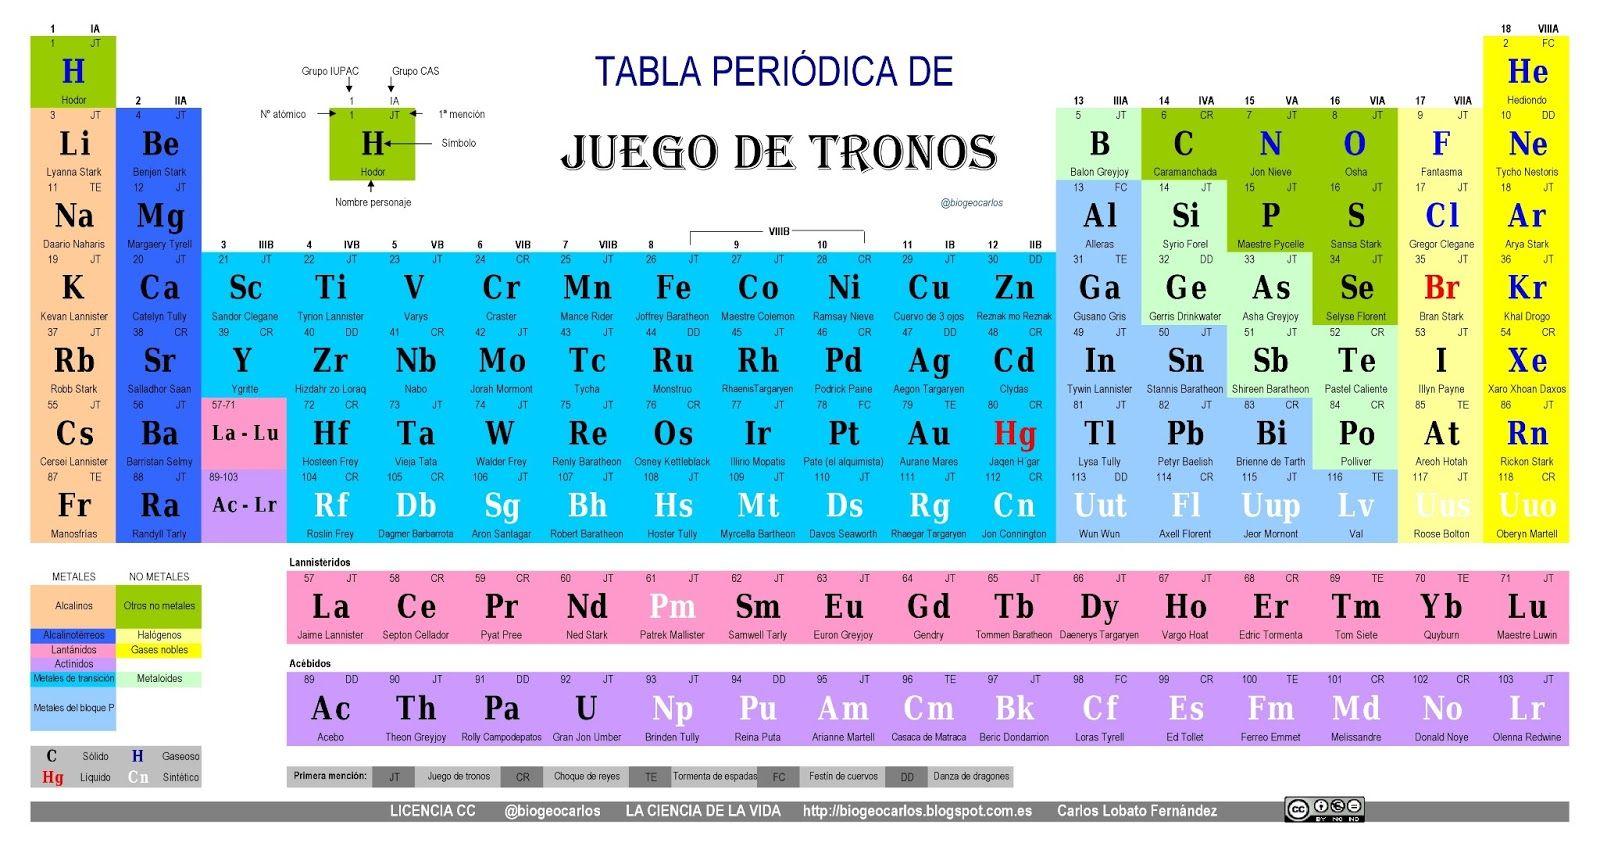 la ciencia de la vida la tabla peridica de juego de tronos - Tabla Periodica En Visual Basic